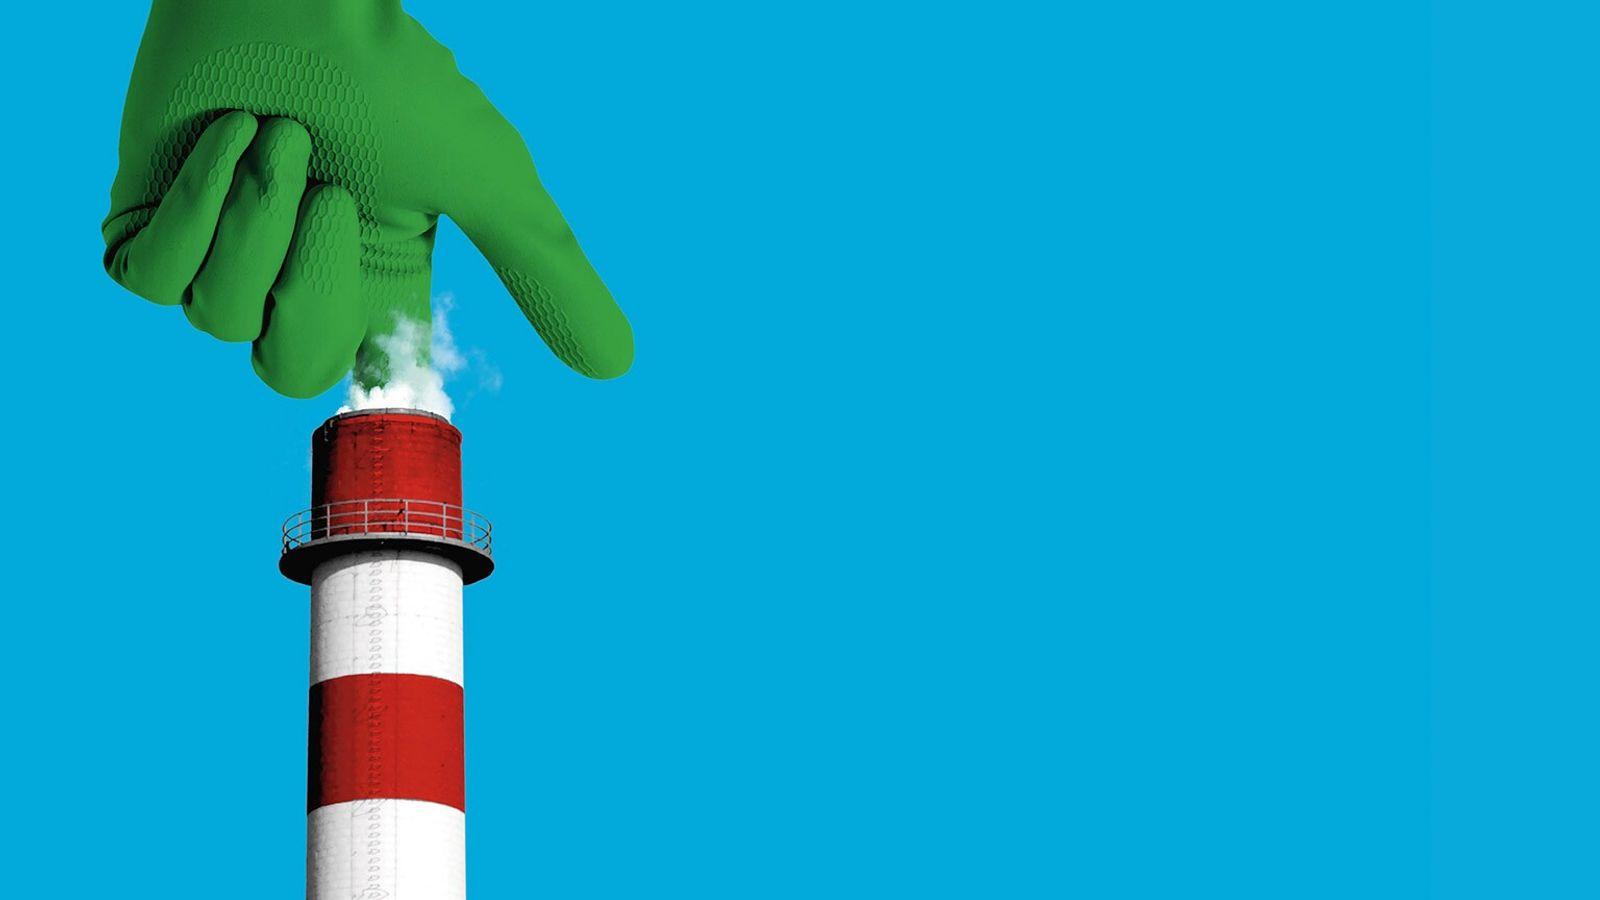 Les instances gouvernementales, les entreprises et les services publics s'orientent vers une énergie plus propre. Mais le véritable ...